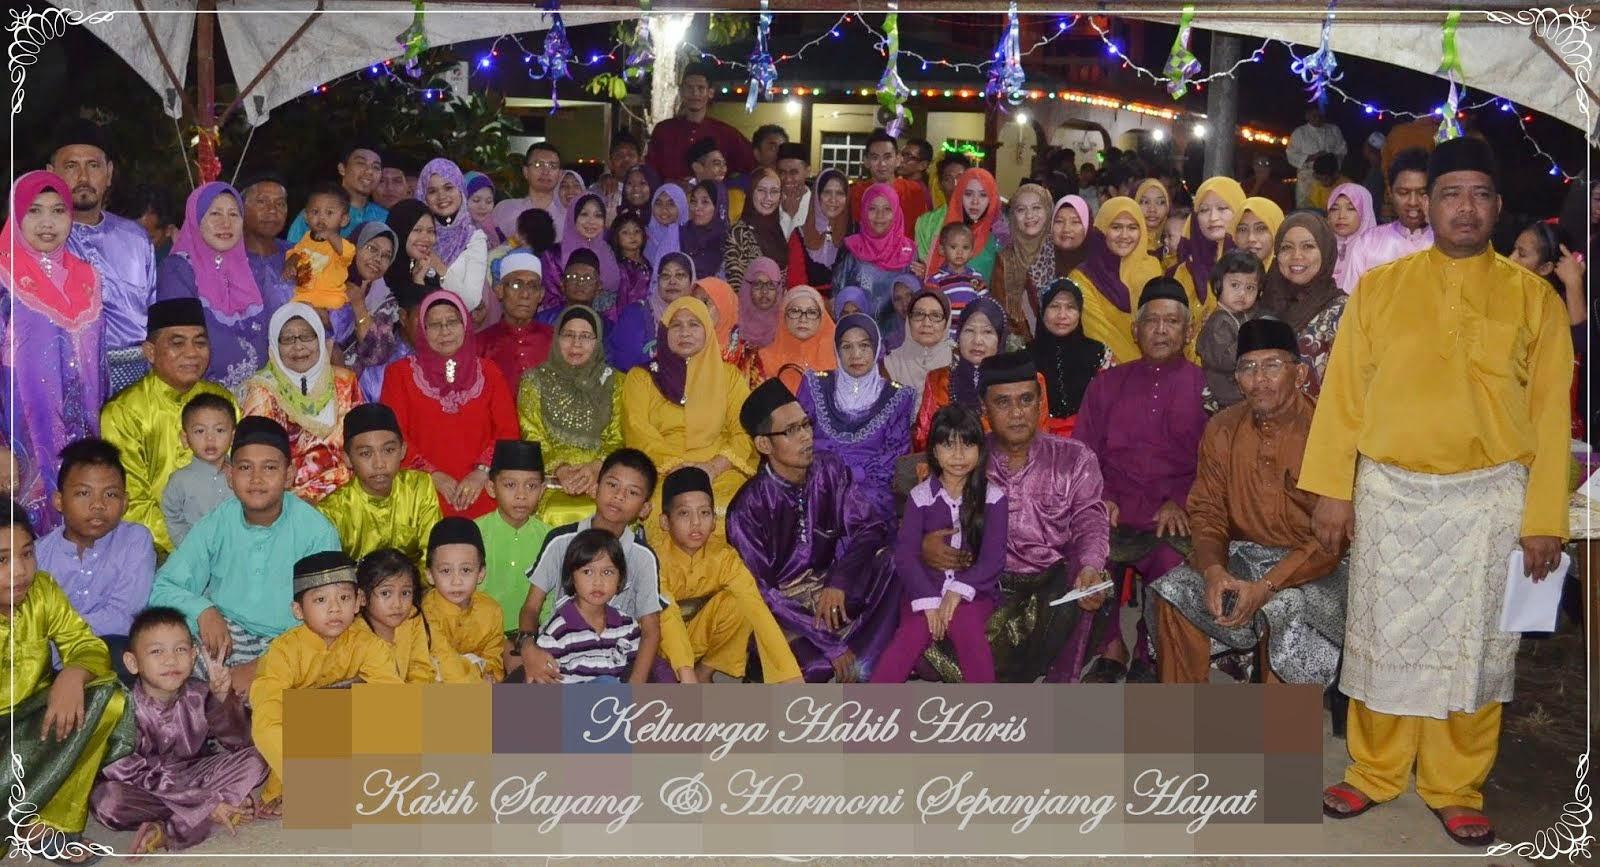 Keluarga Habib Harris